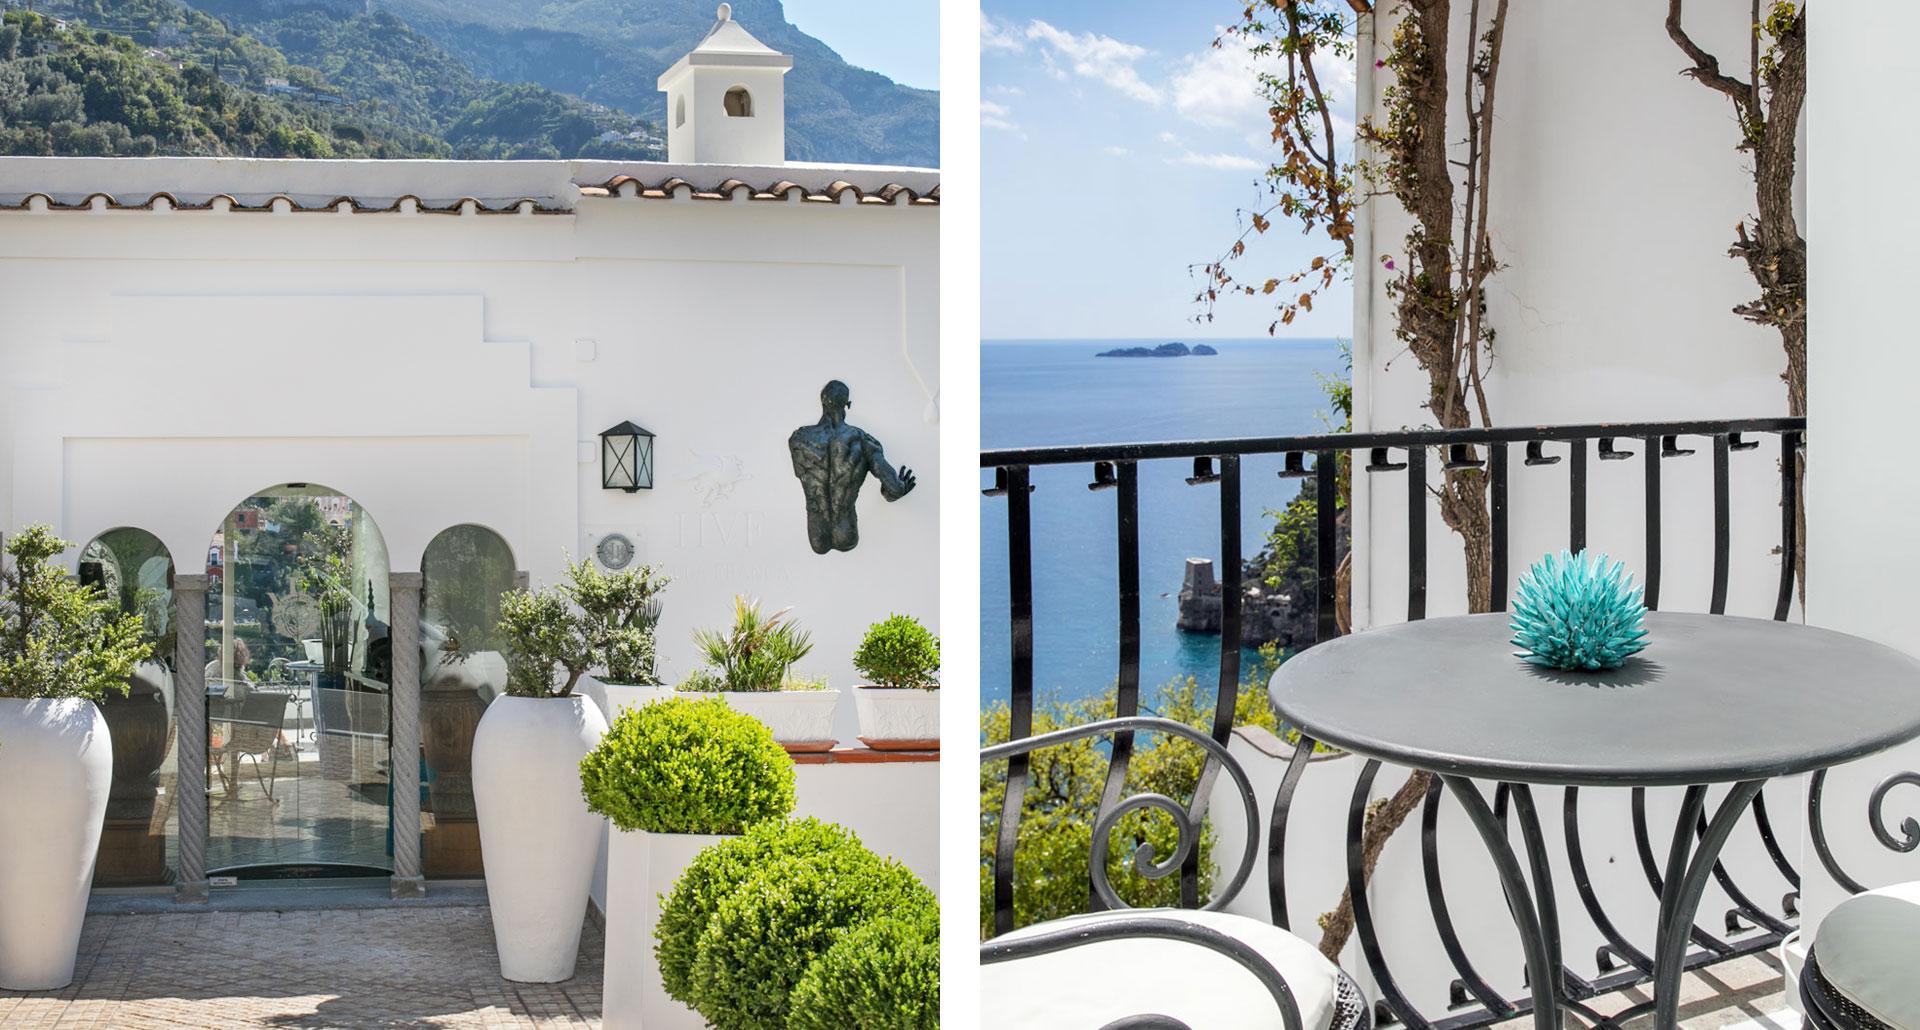 Hotel Villa Franca - boutique hotel in Positano